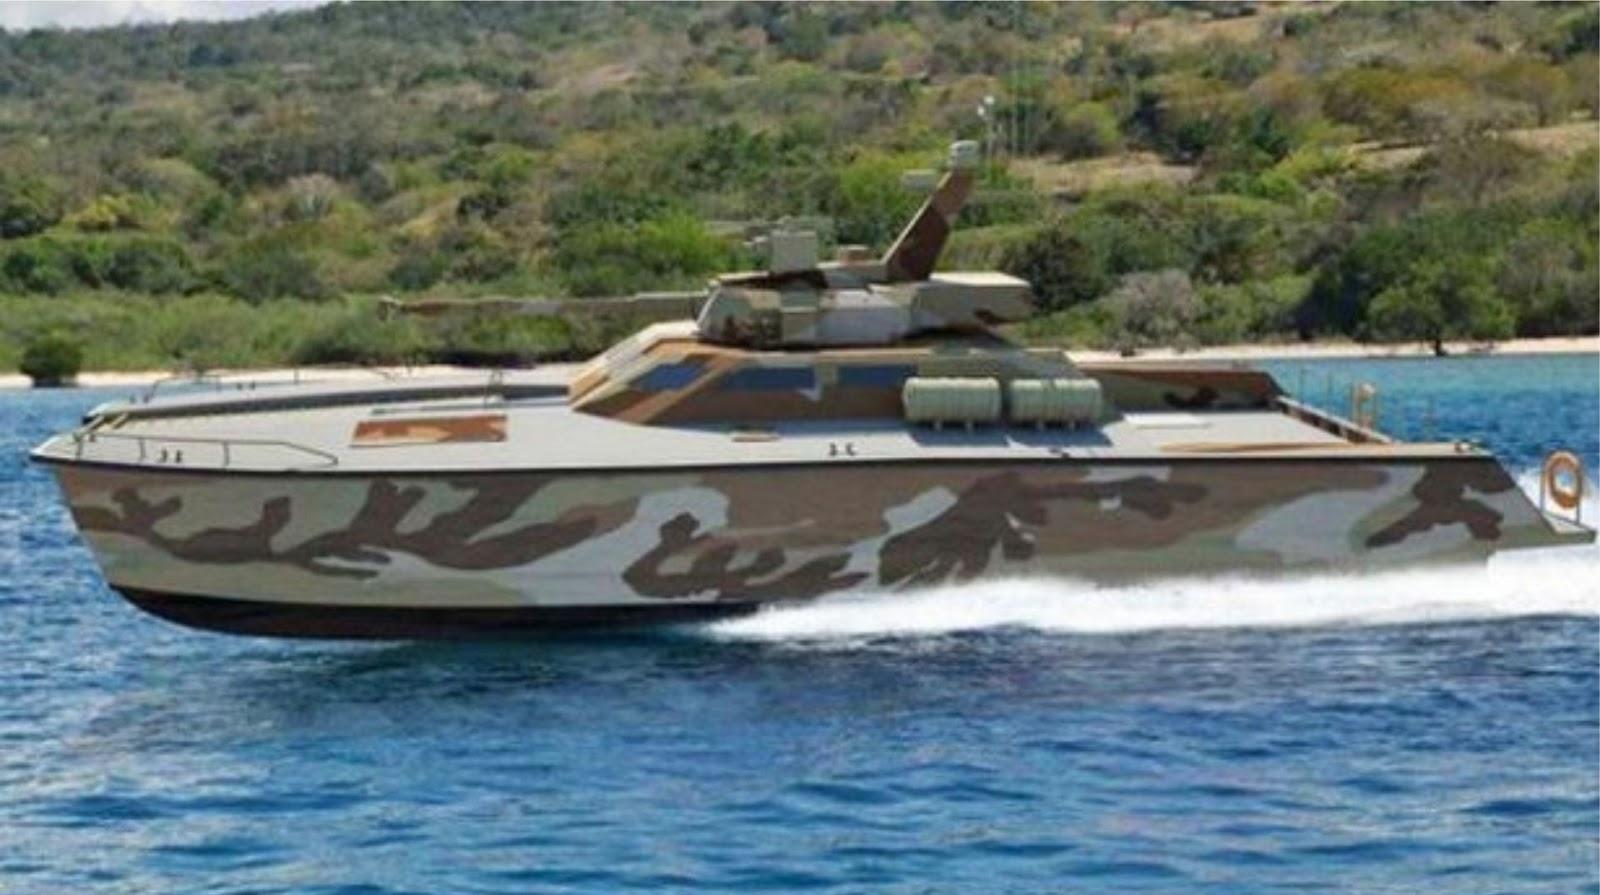 Bagaimana tanggapan media Rusia mengenai kemungkinan pembelian Tank Boats X-18 dari Indonesia